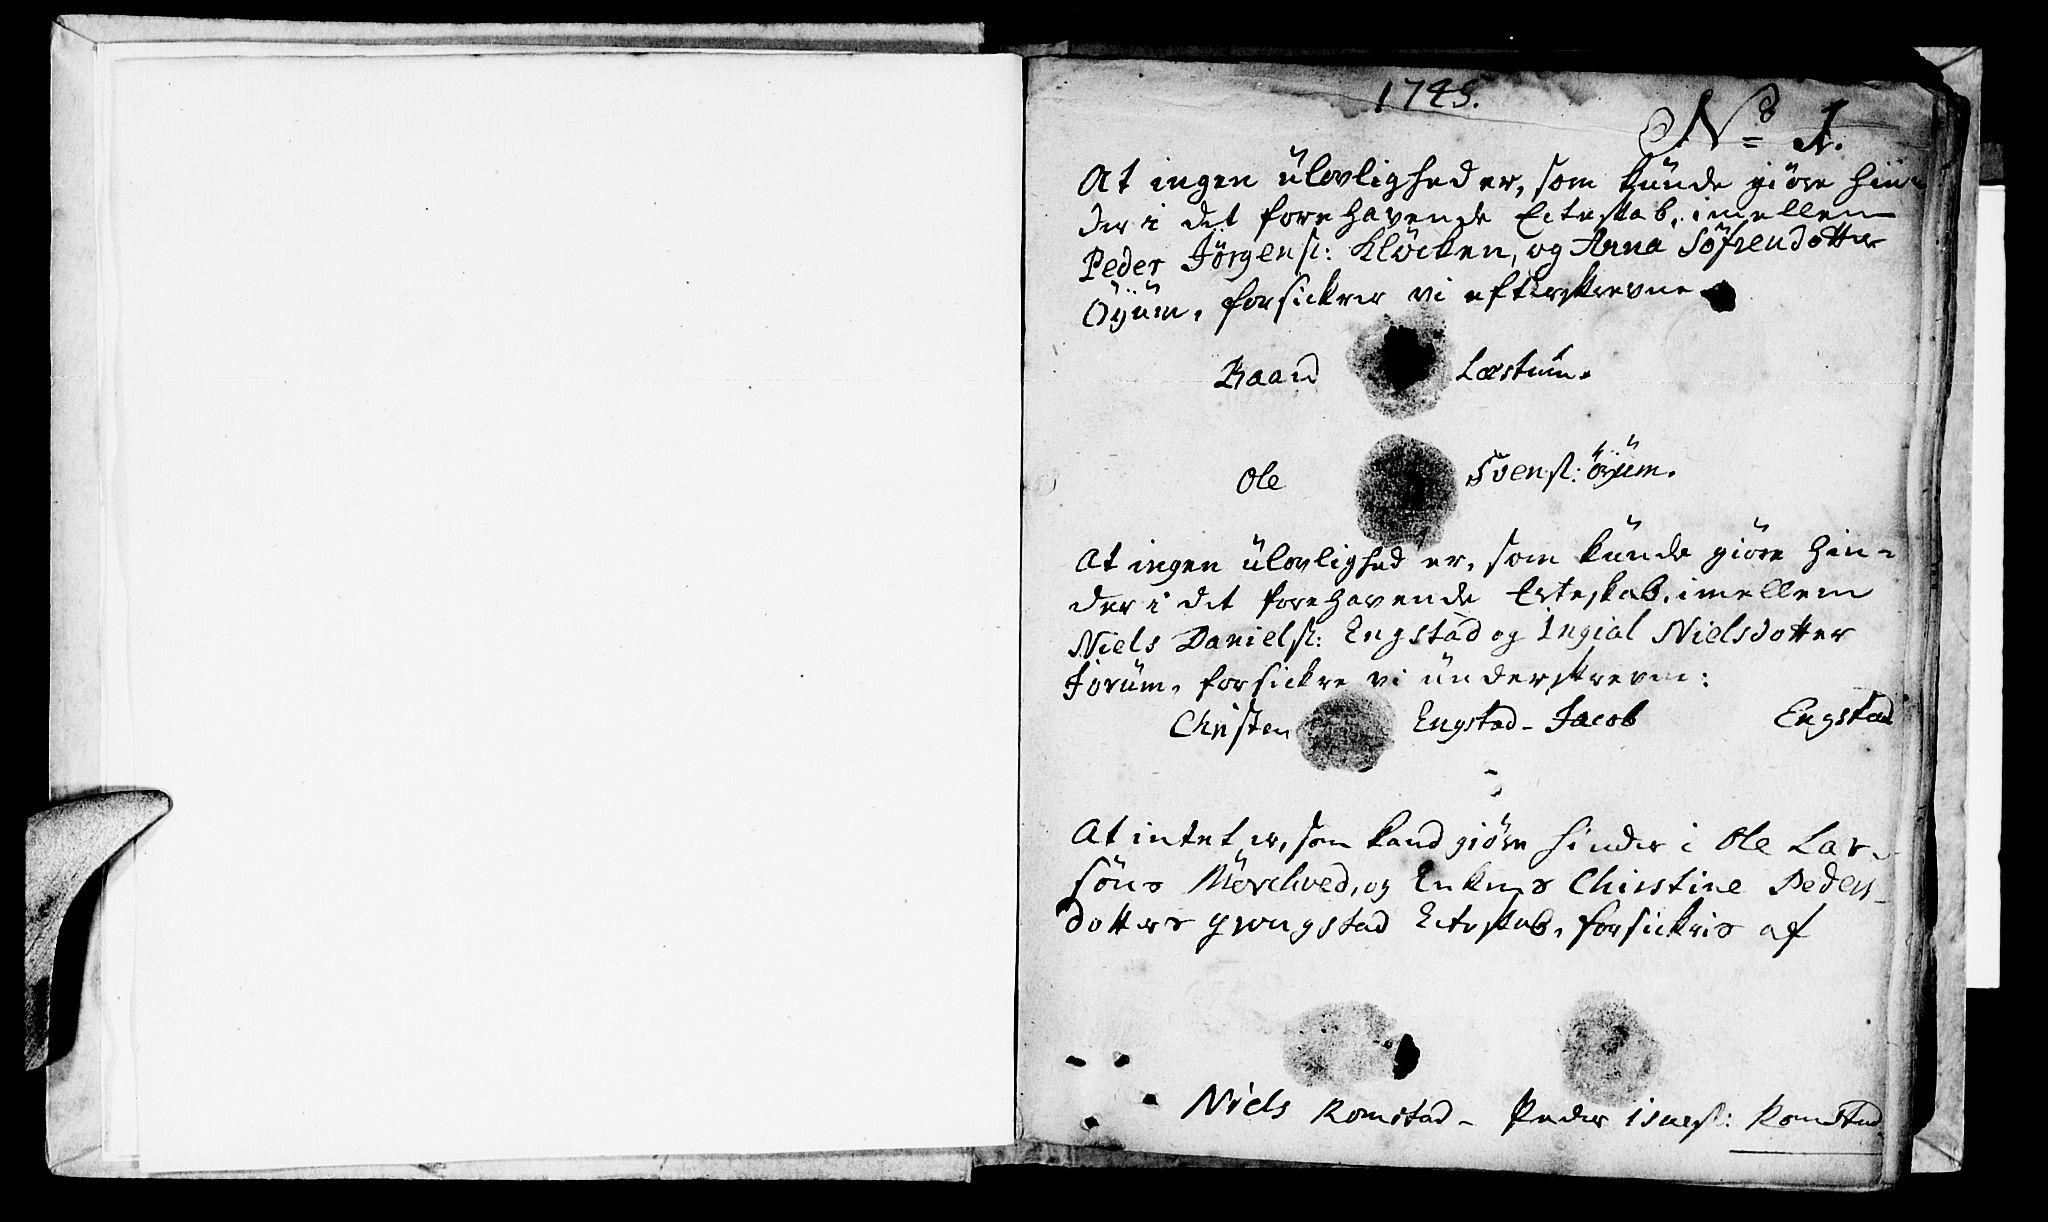 SAT, Ministerialprotokoller, klokkerbøker og fødselsregistre - Nord-Trøndelag, 764/L0541: Ministerialbok nr. 764A01, 1745-1758, s. 1